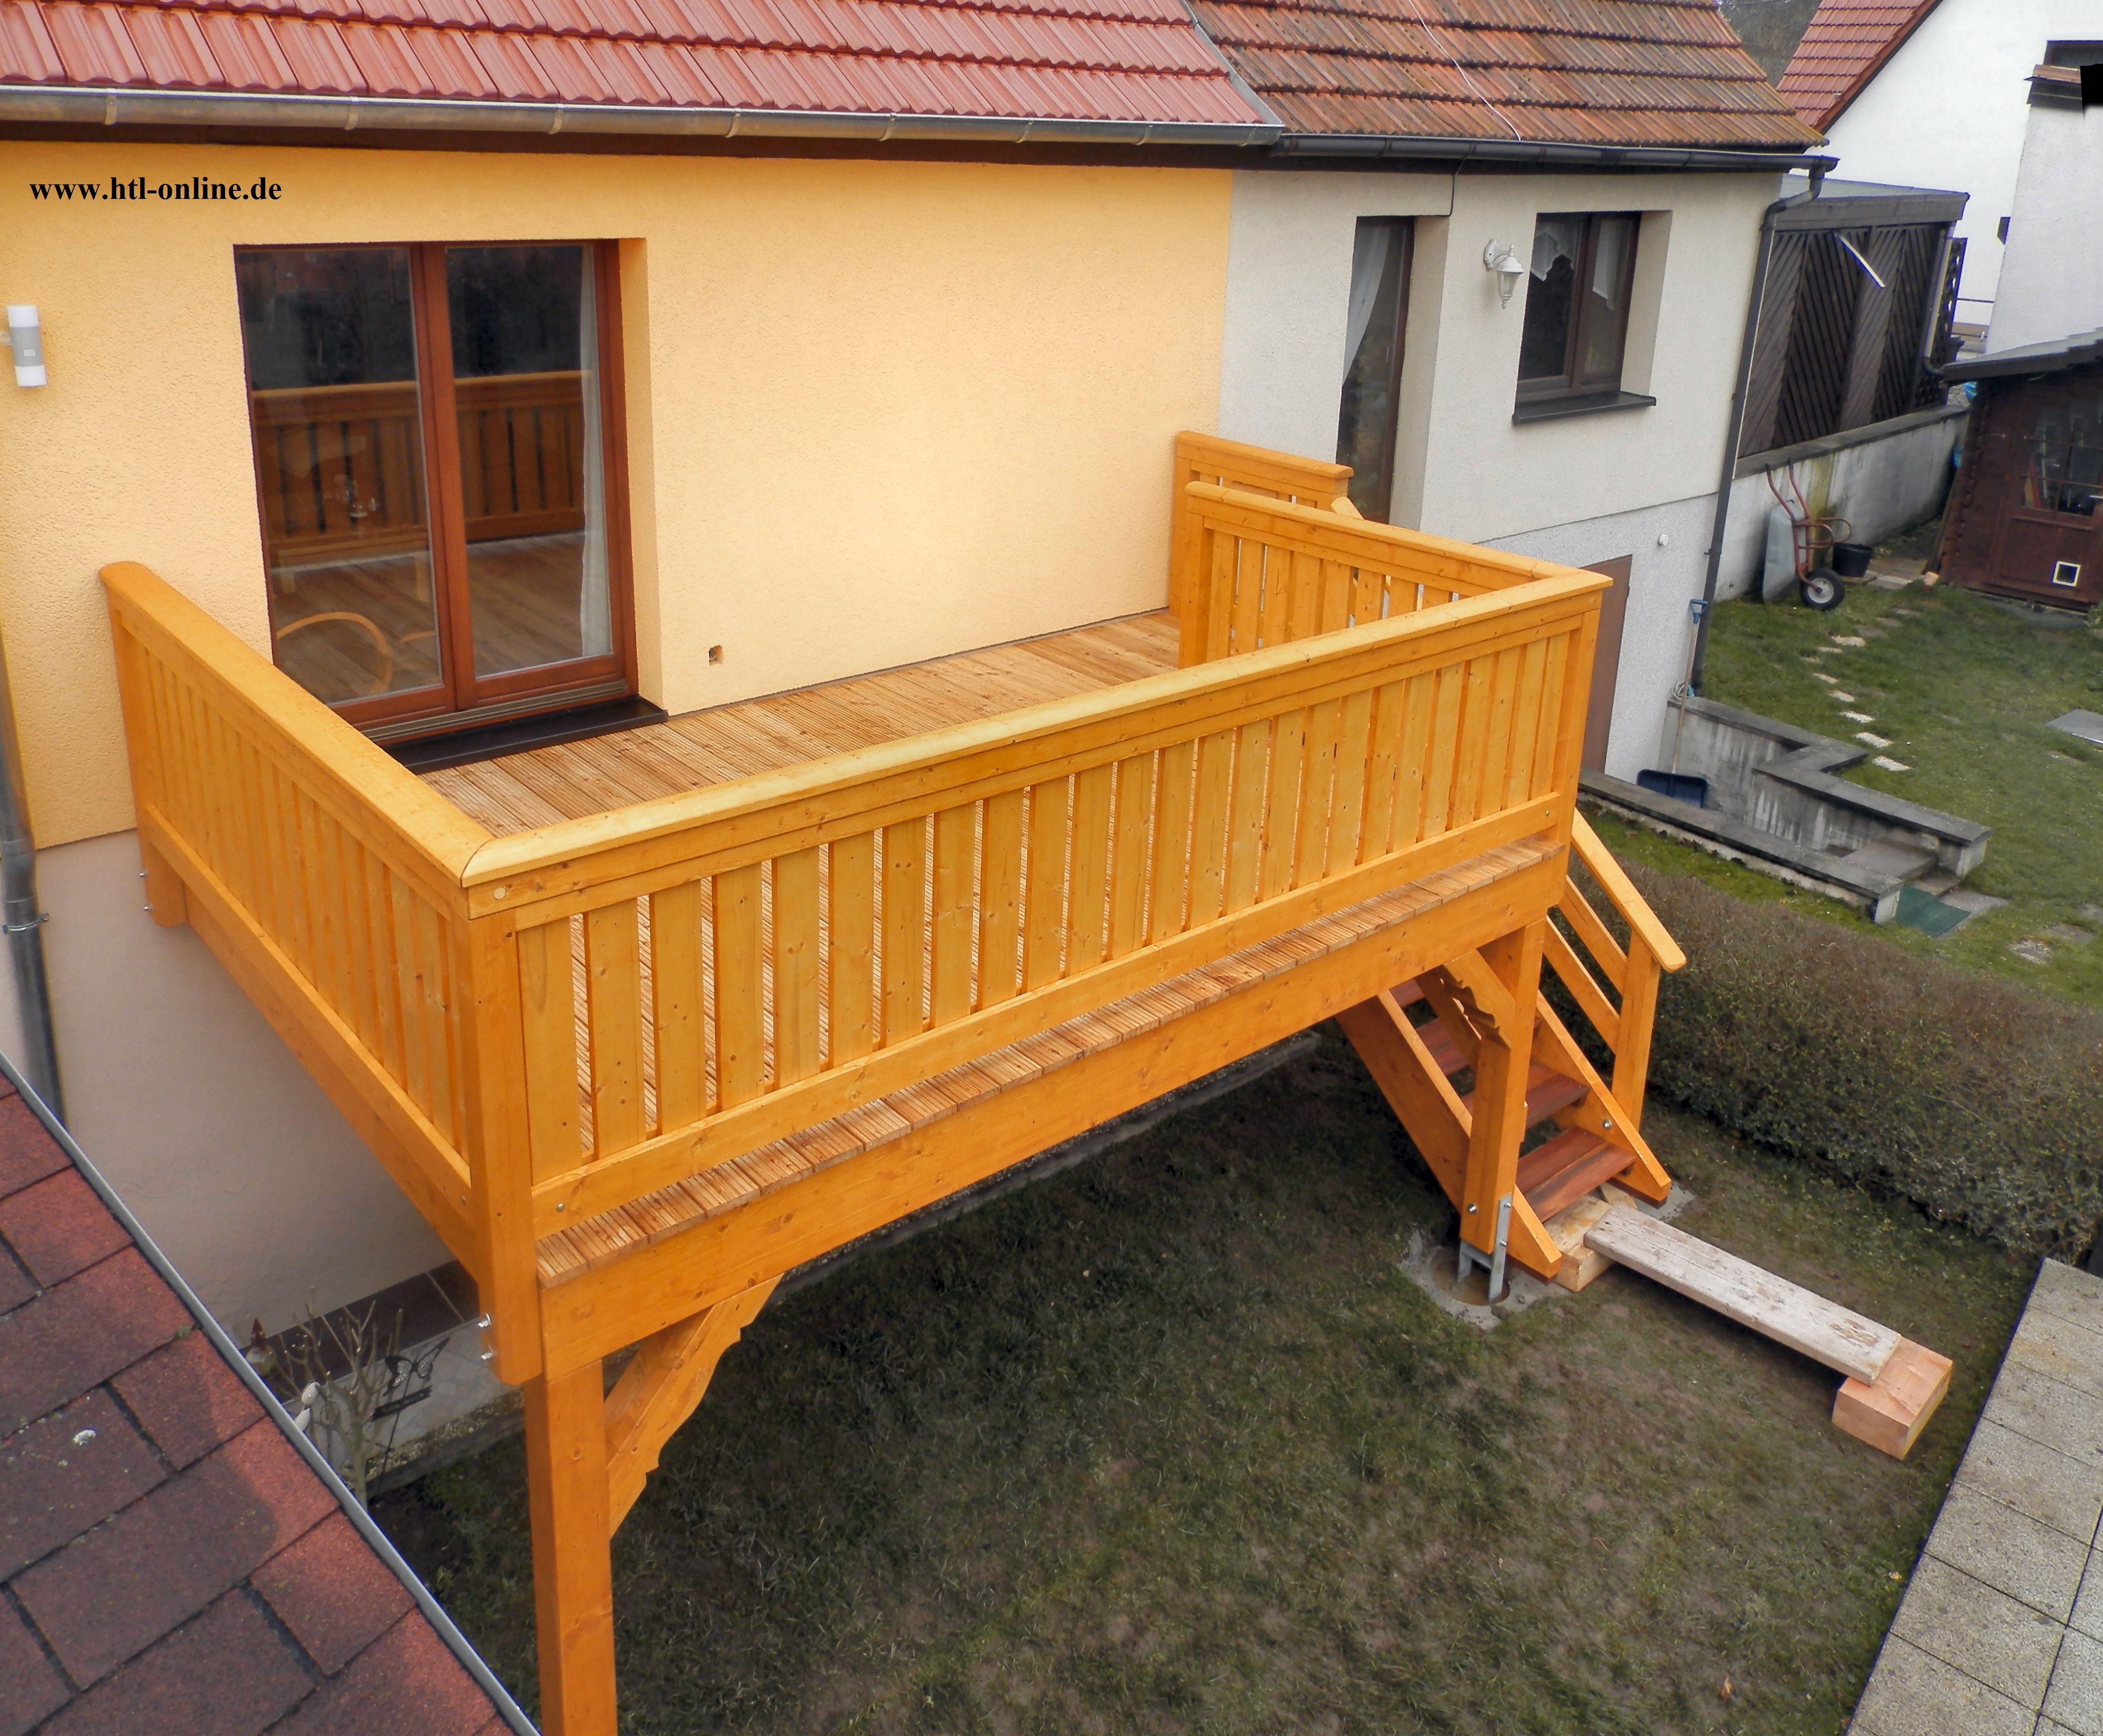 Balkon Aus Holz Htl Holztechnik Holz Arbeit Mit Holz Balkon Aus Holz Holzbalkon Balkon Carport Holz